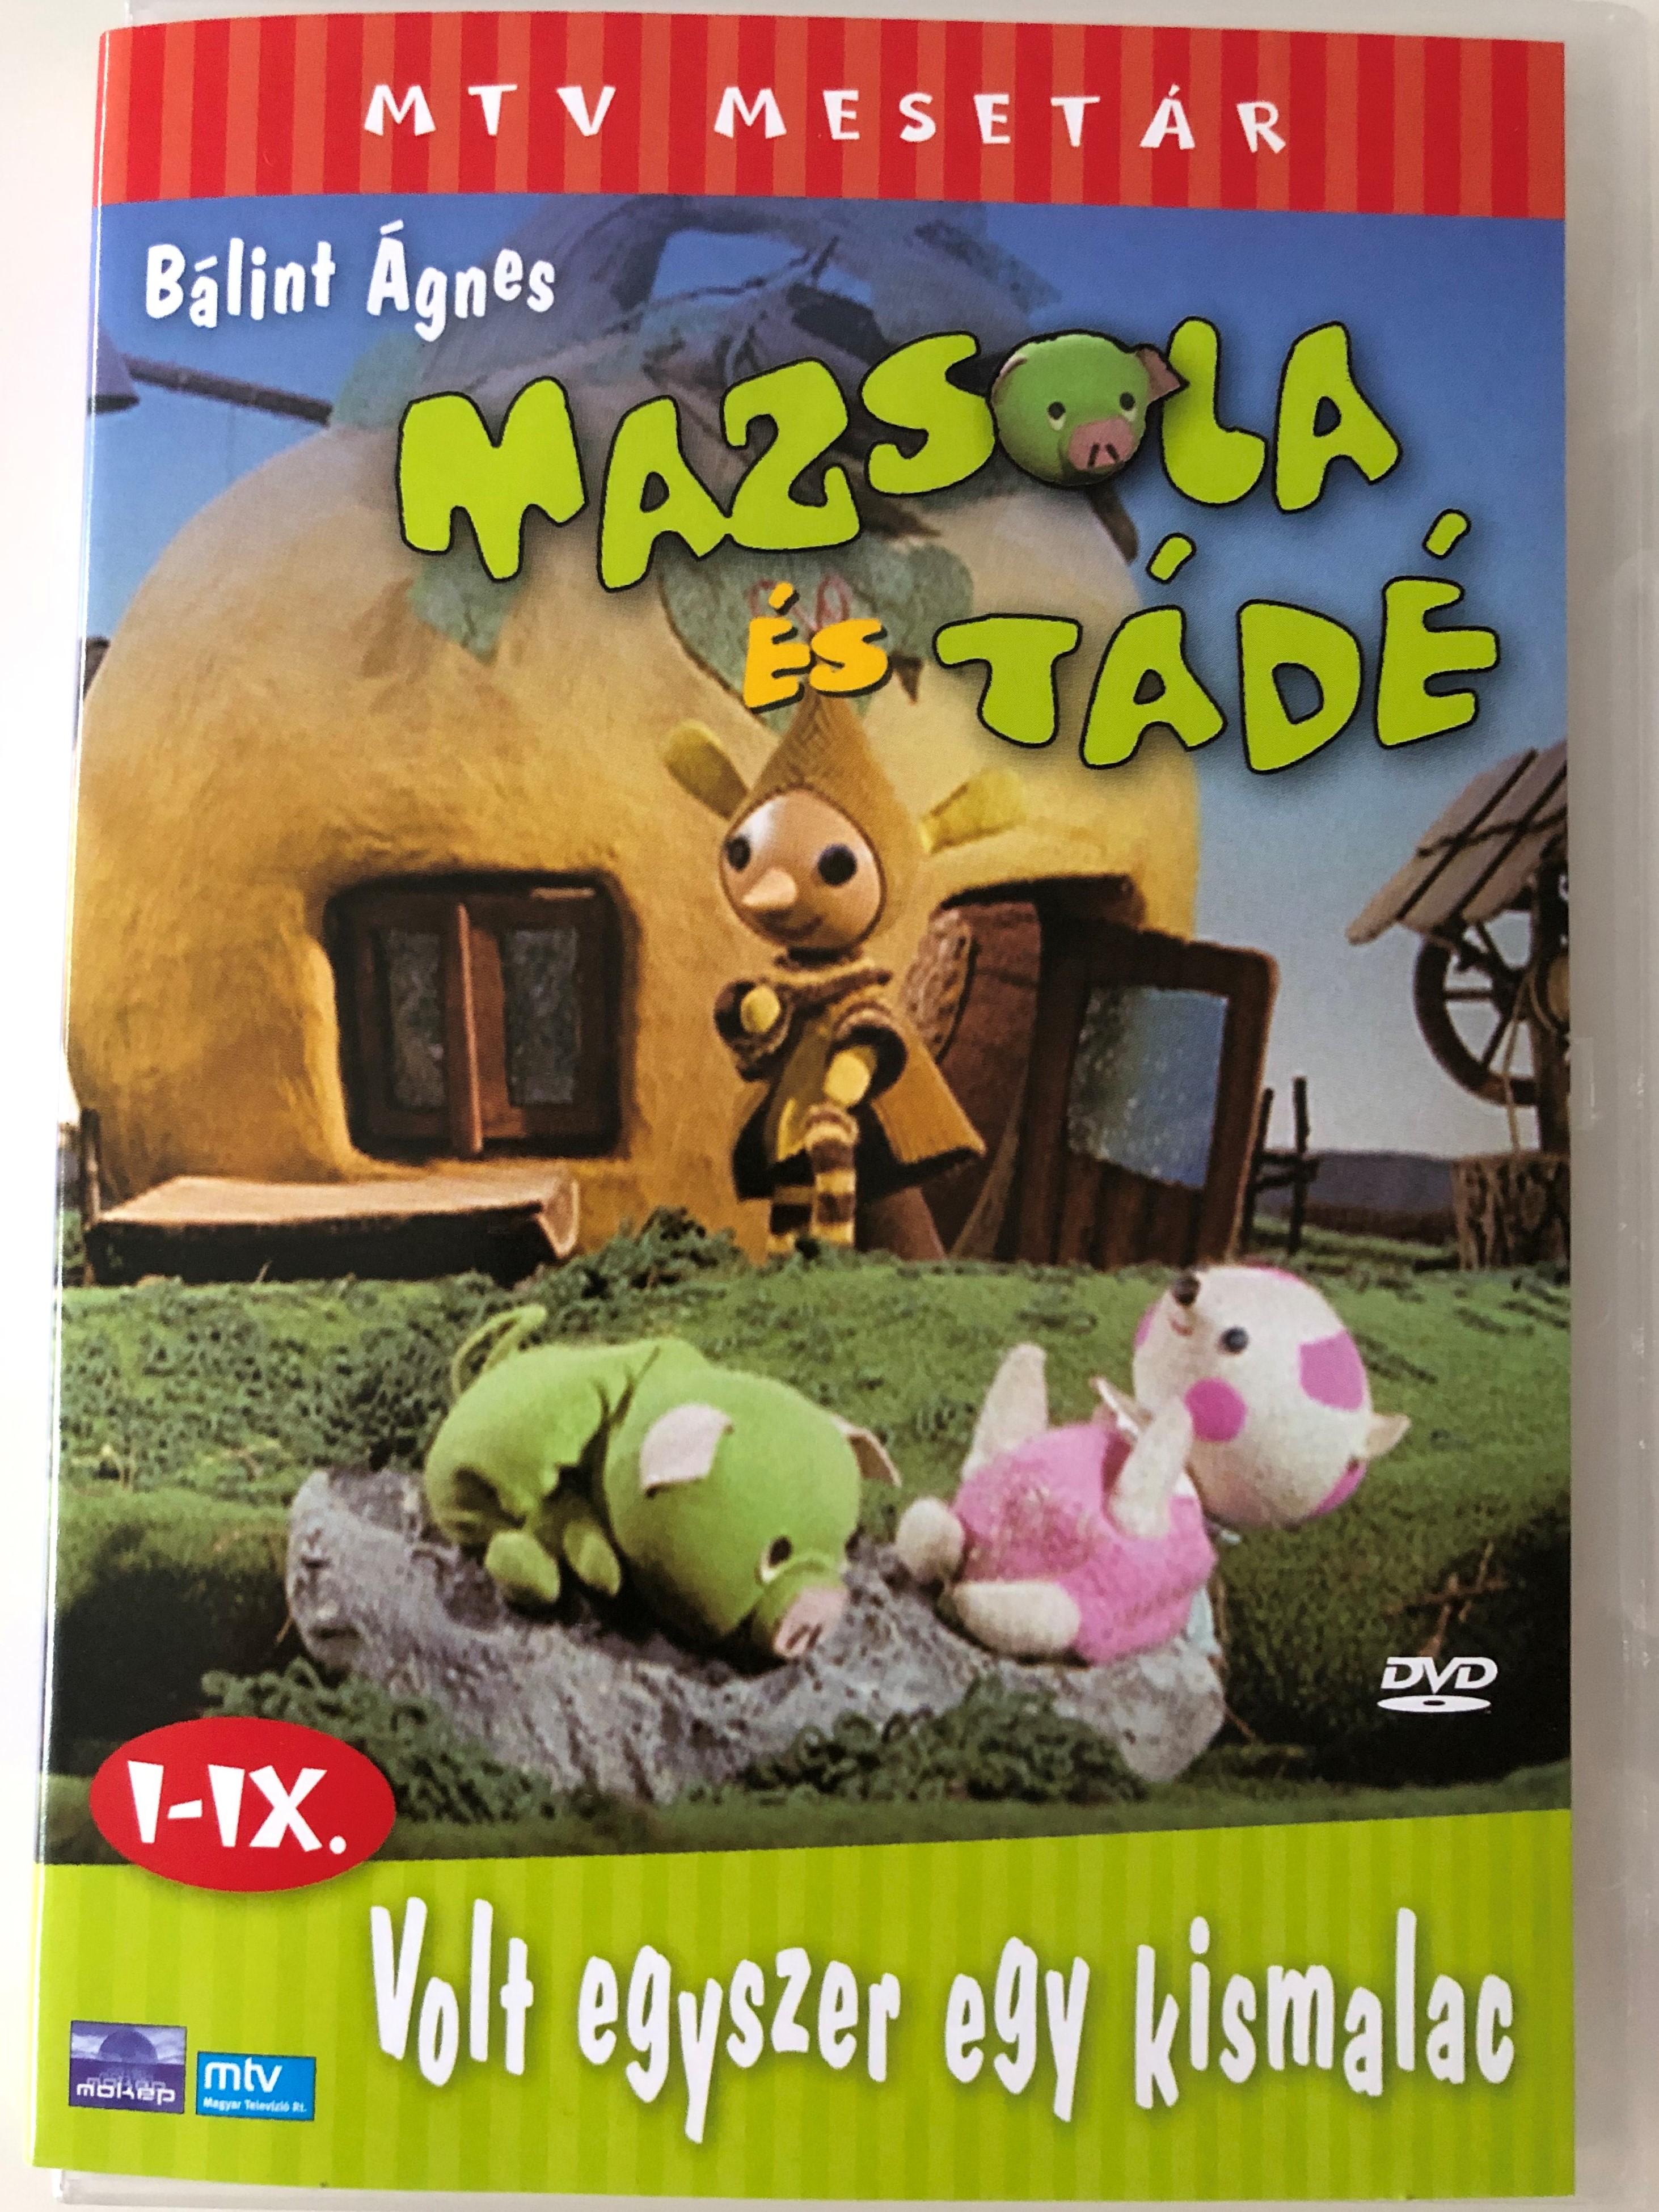 mazsola-s-t-d-dvd-i-ix.-volt-egyszer-egy-kismalac-1.jpg